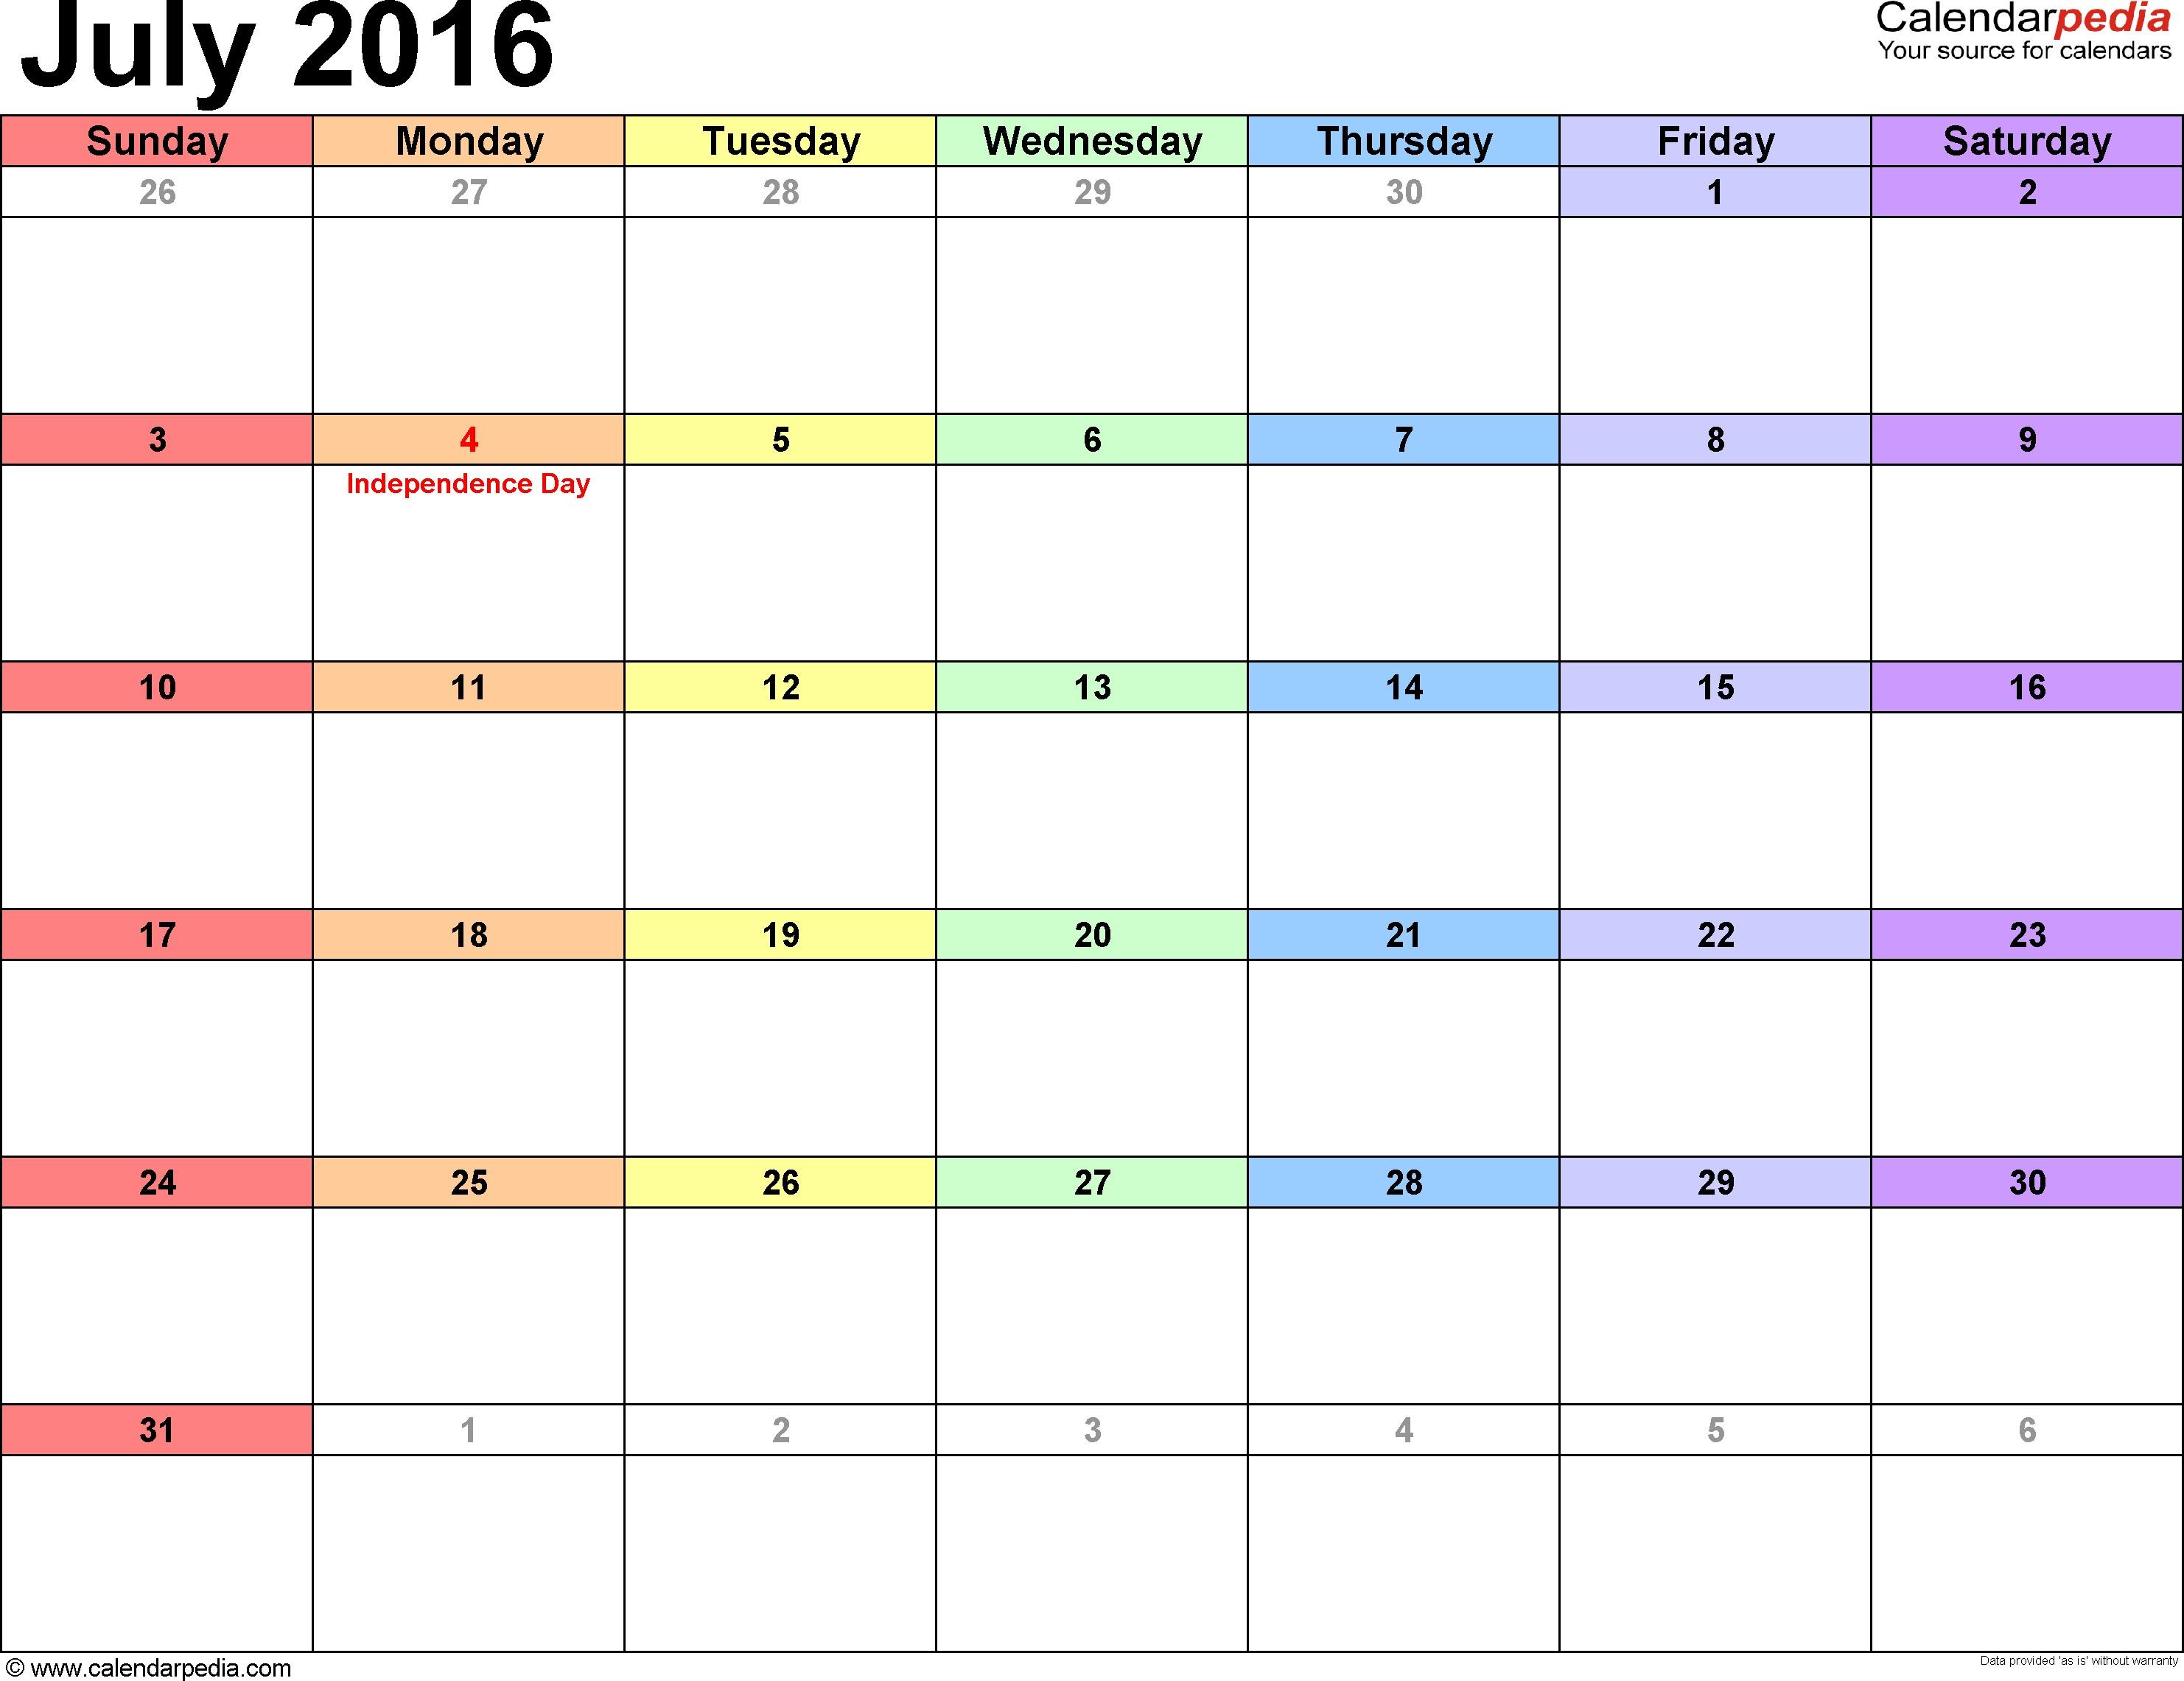 Calendario Abril 2019 Para Imprimir En Word Más Recientes July 2016 Calendars for Word Excel & Pdf